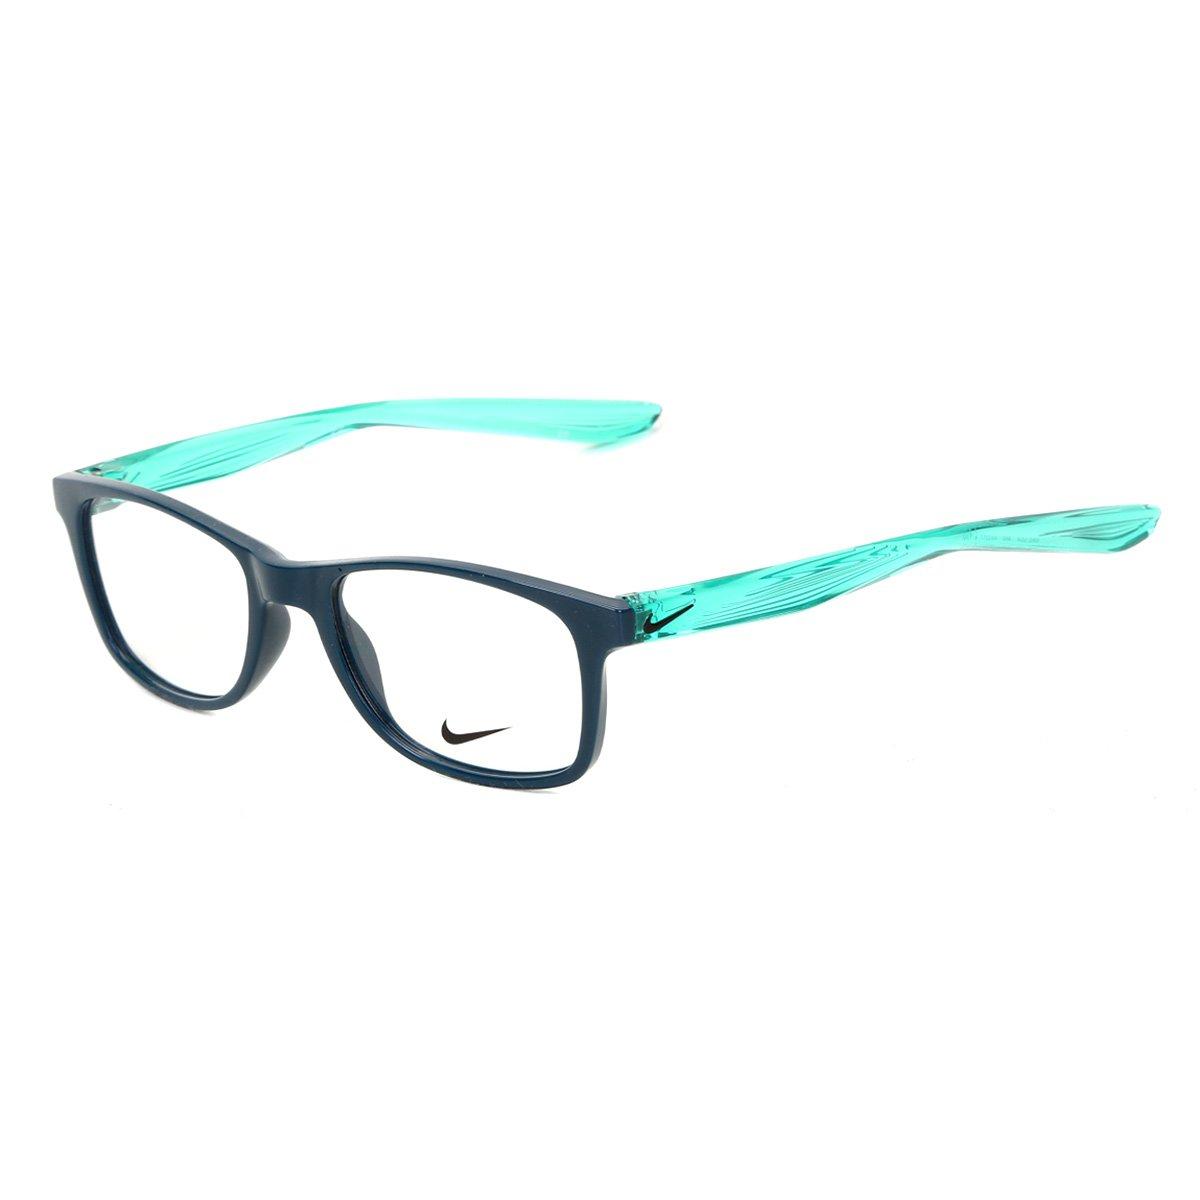 Óculos Juvenil Nike 5004 440